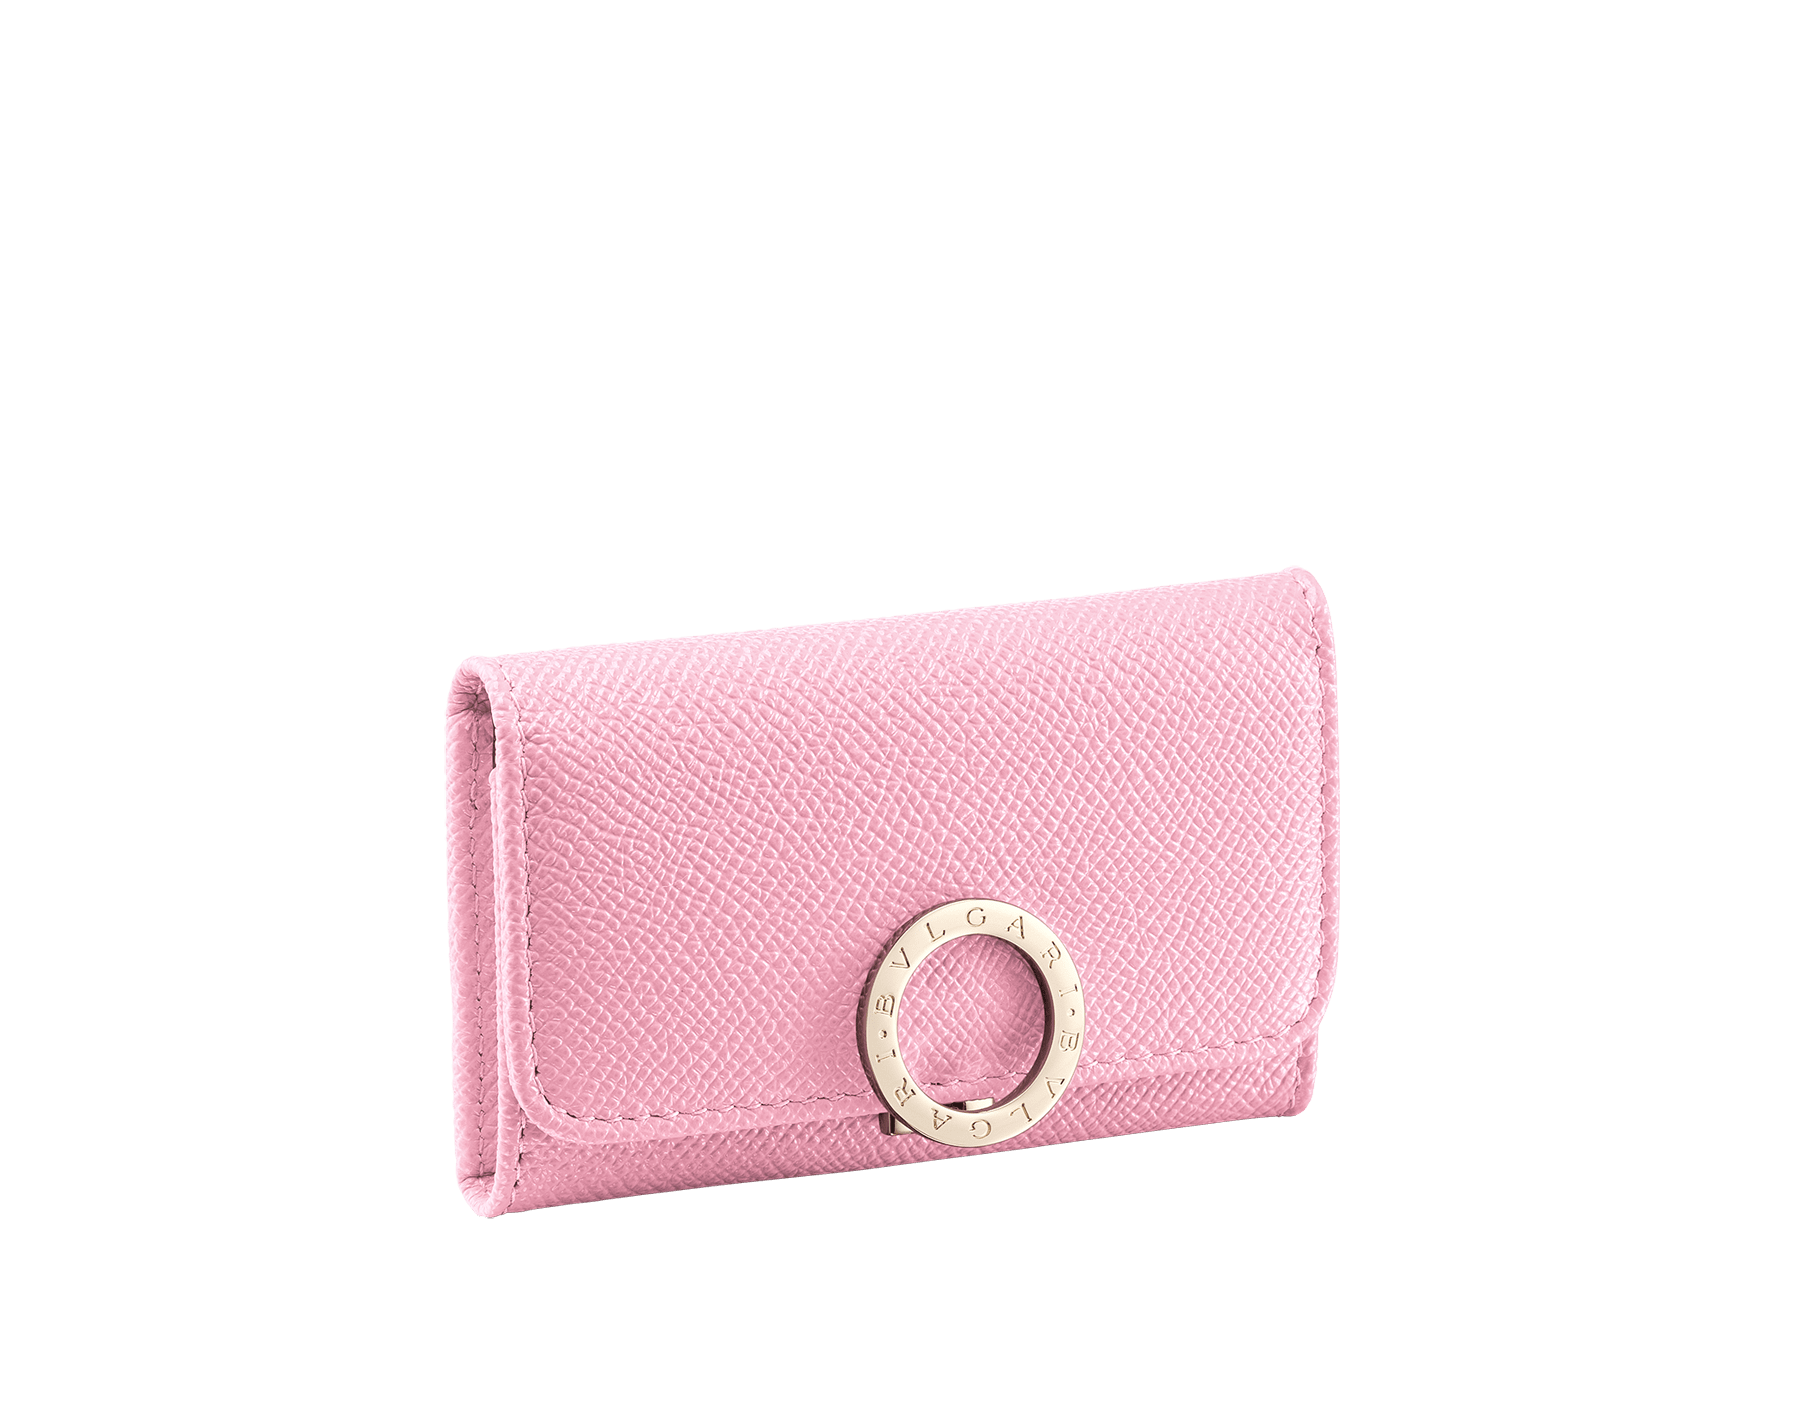 Piccolo portachiavi BVLGARI BVLGARI in vitello martellato rosa fenicottero e nappa granato romano. Iconica chiusura a clip con logo in ottone placcato oro chiaro. 288155 image 1